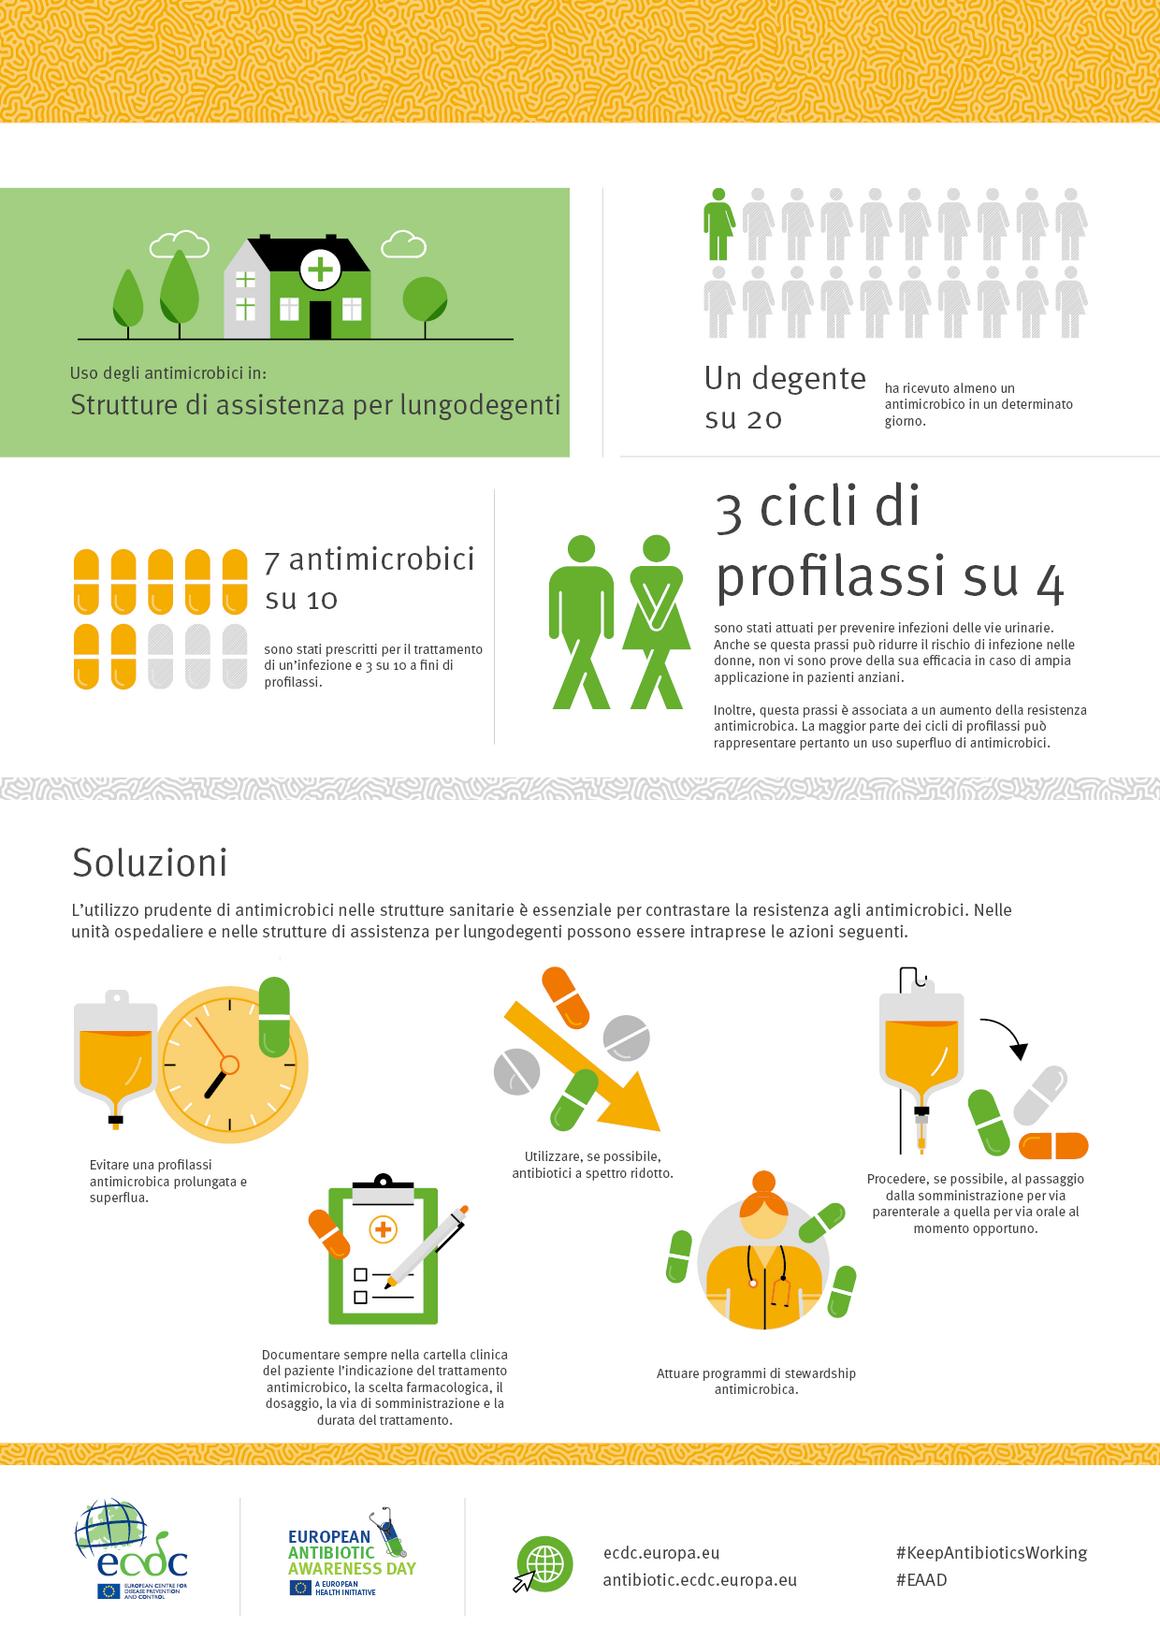 Uso degli antimicrobici in: Strutture di assistenza per lungodegenti